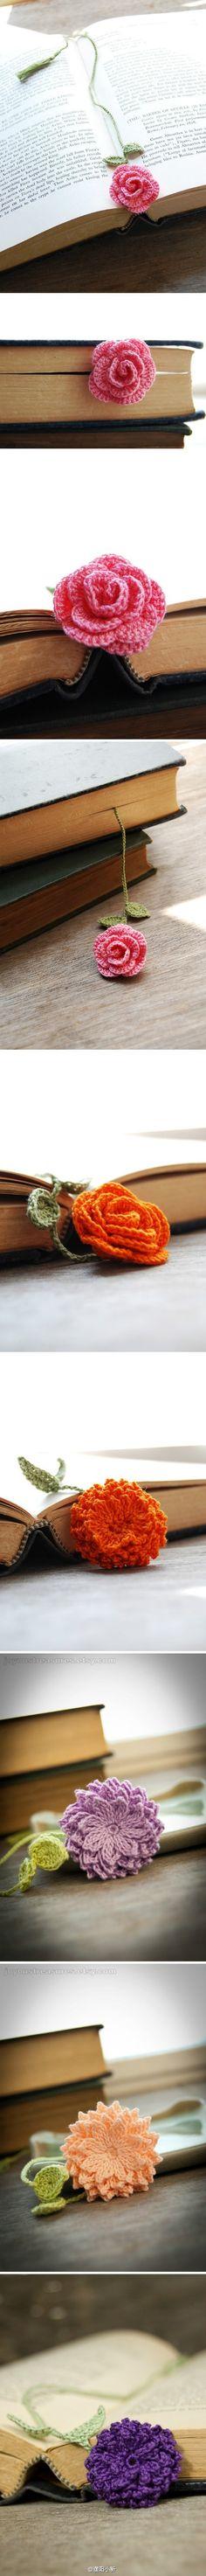 Lindo marcador de livros em crochê